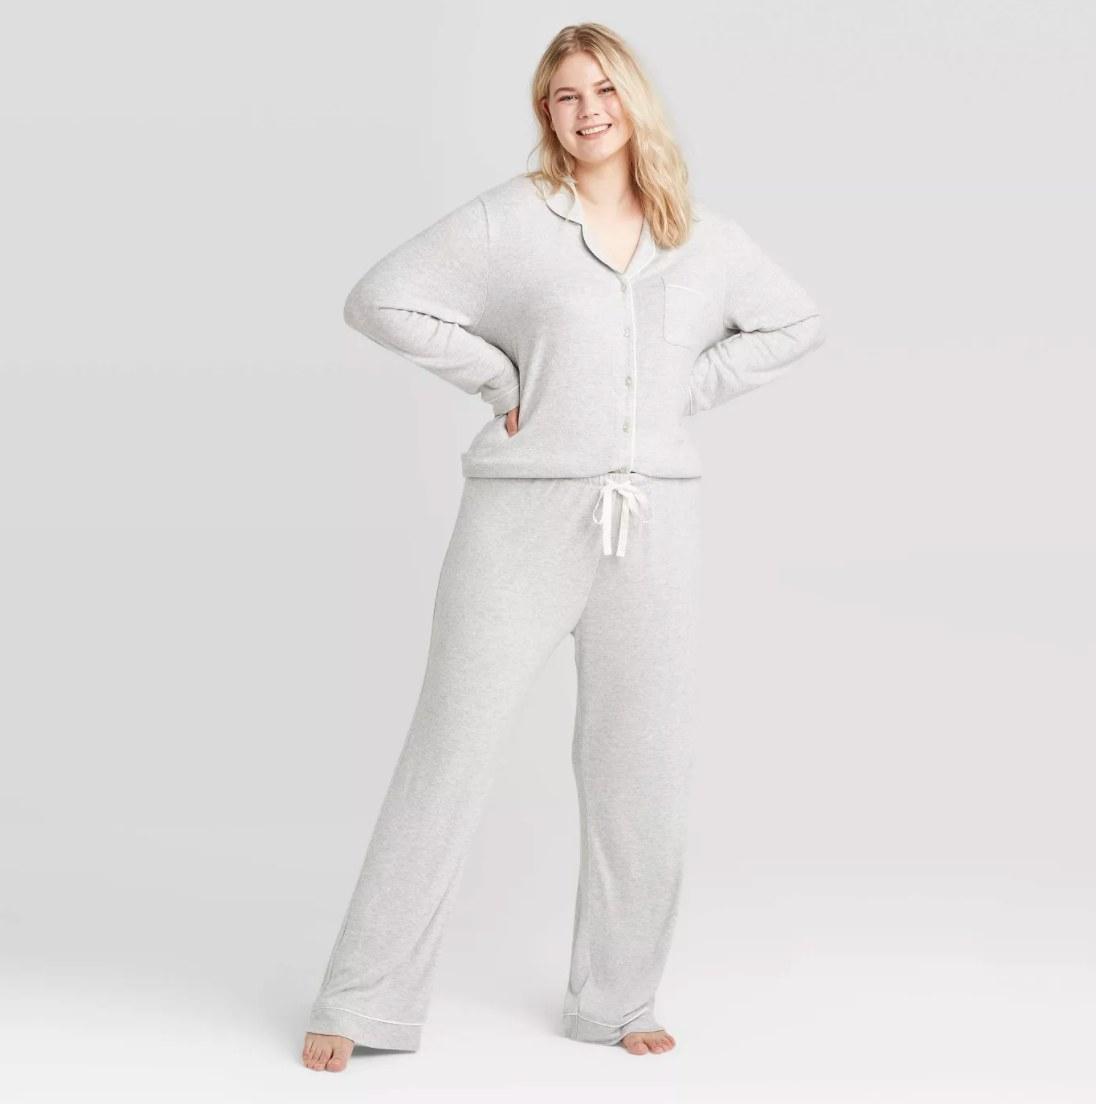 Model wearing the light gray pajamas